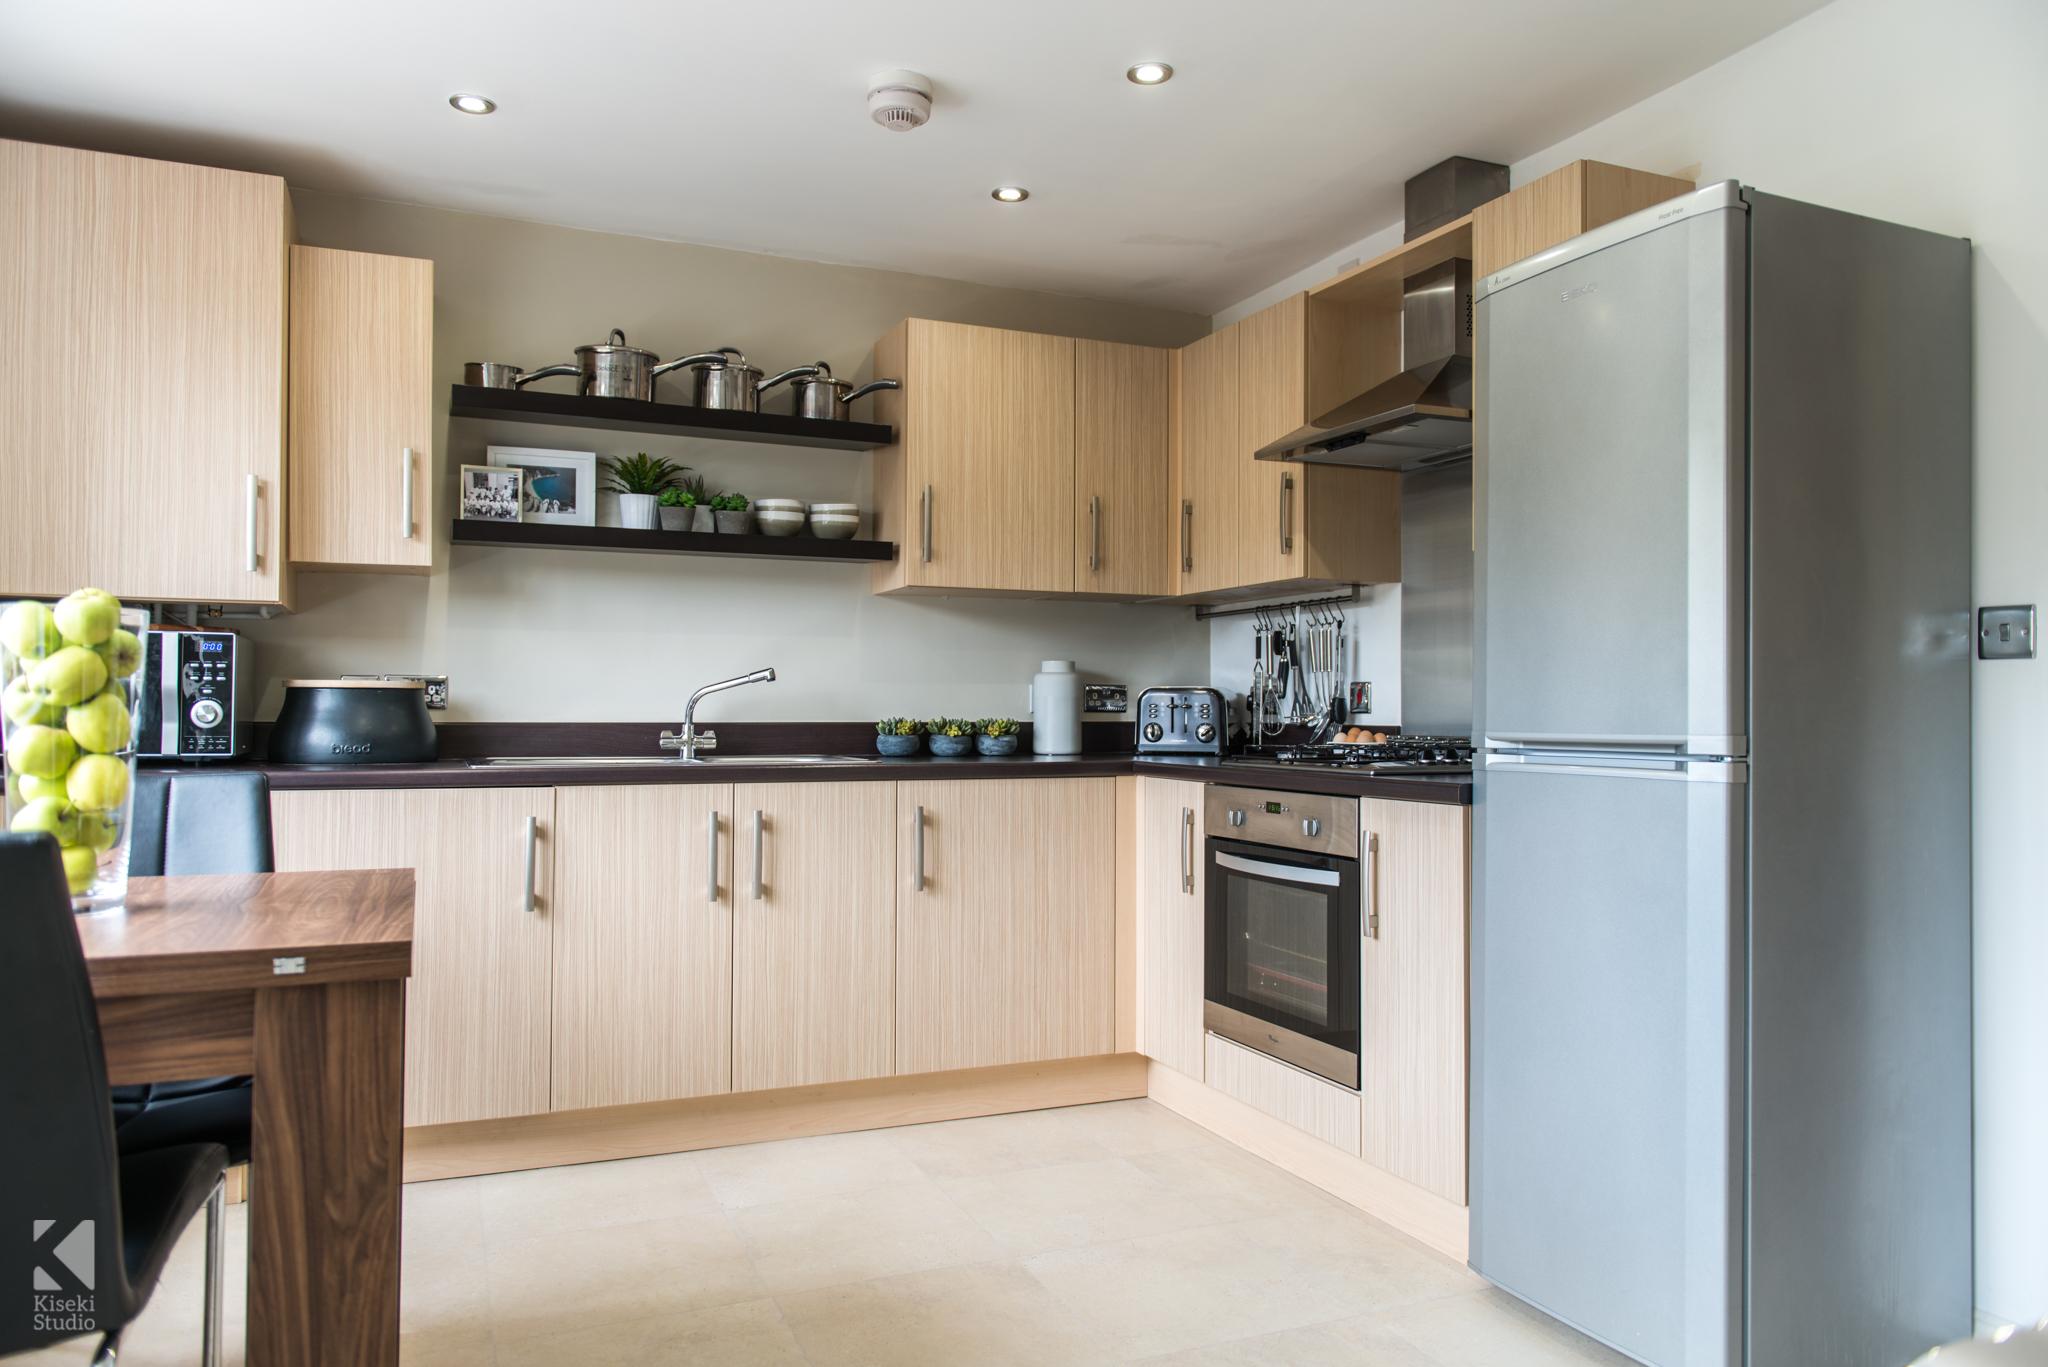 Modern Property Interior Kitchen Neutral Furnished Fresh Bright Warm in Baildon